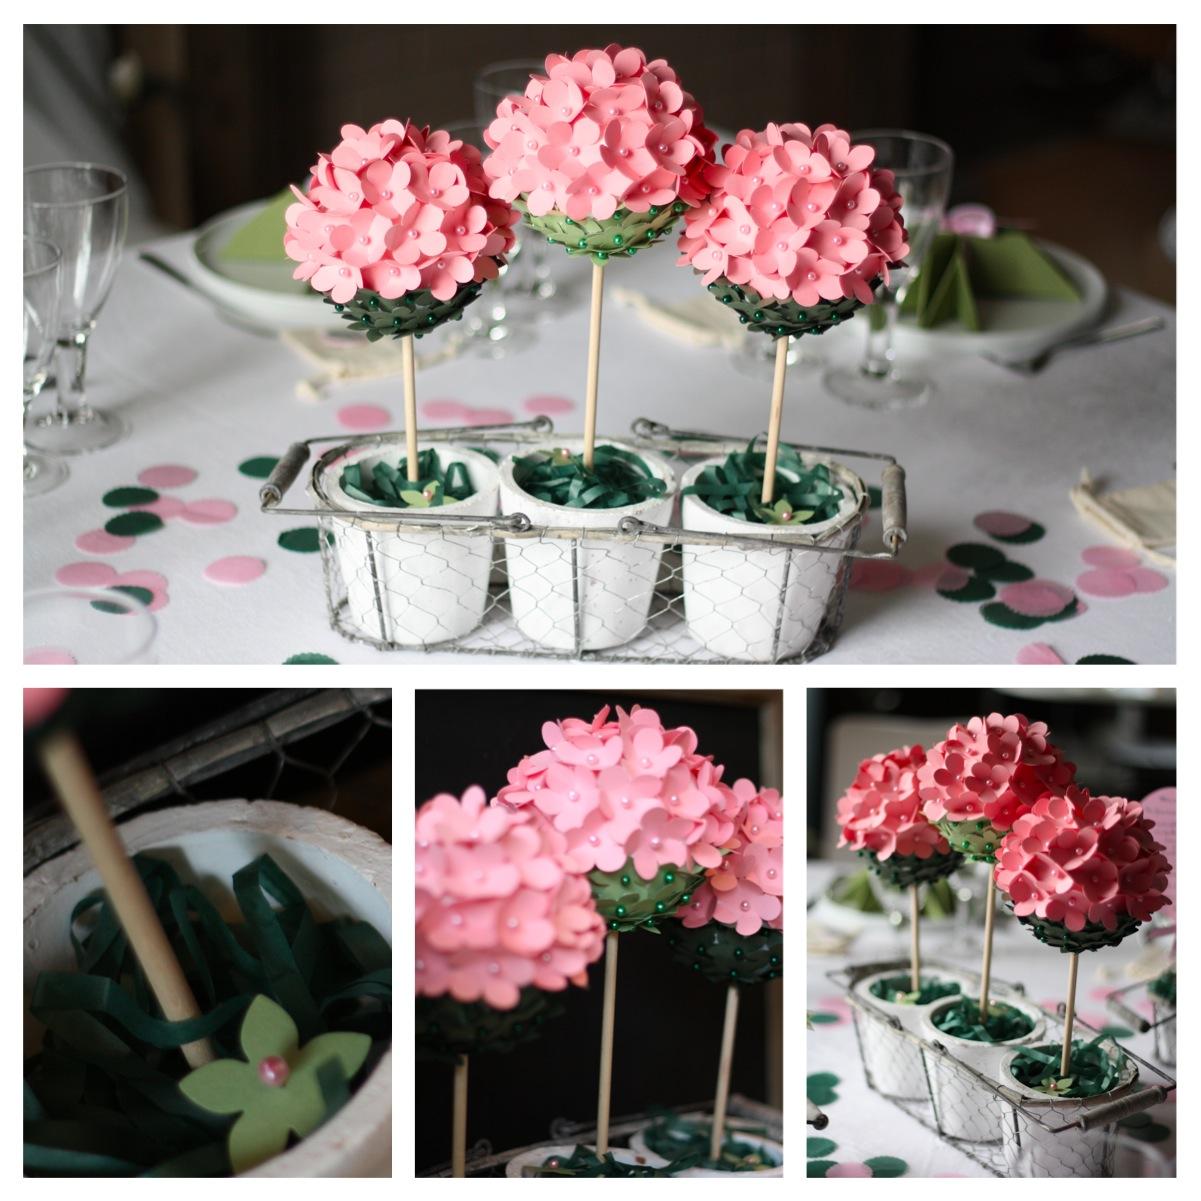 Comment Faire Un Centre De Table Avec Des Fleurs origami : comment réaliser une décoration à l'aide de papier ?